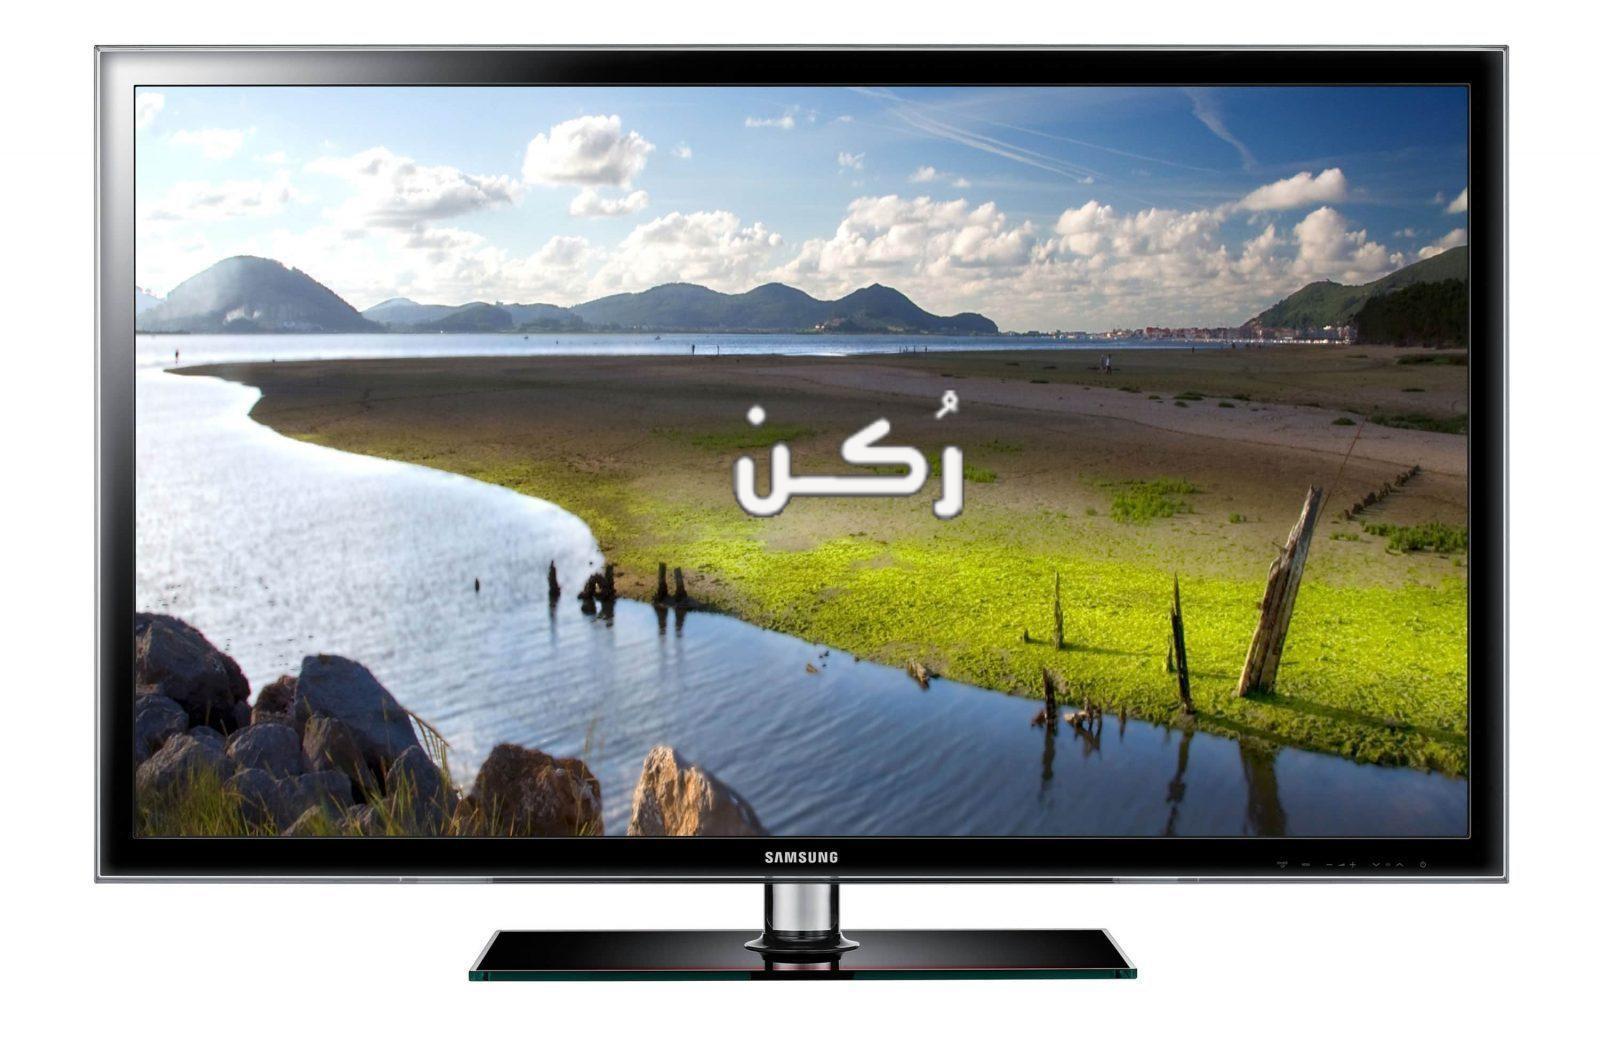 أسعار ومواصفات شاشات التلفزيون في مصر